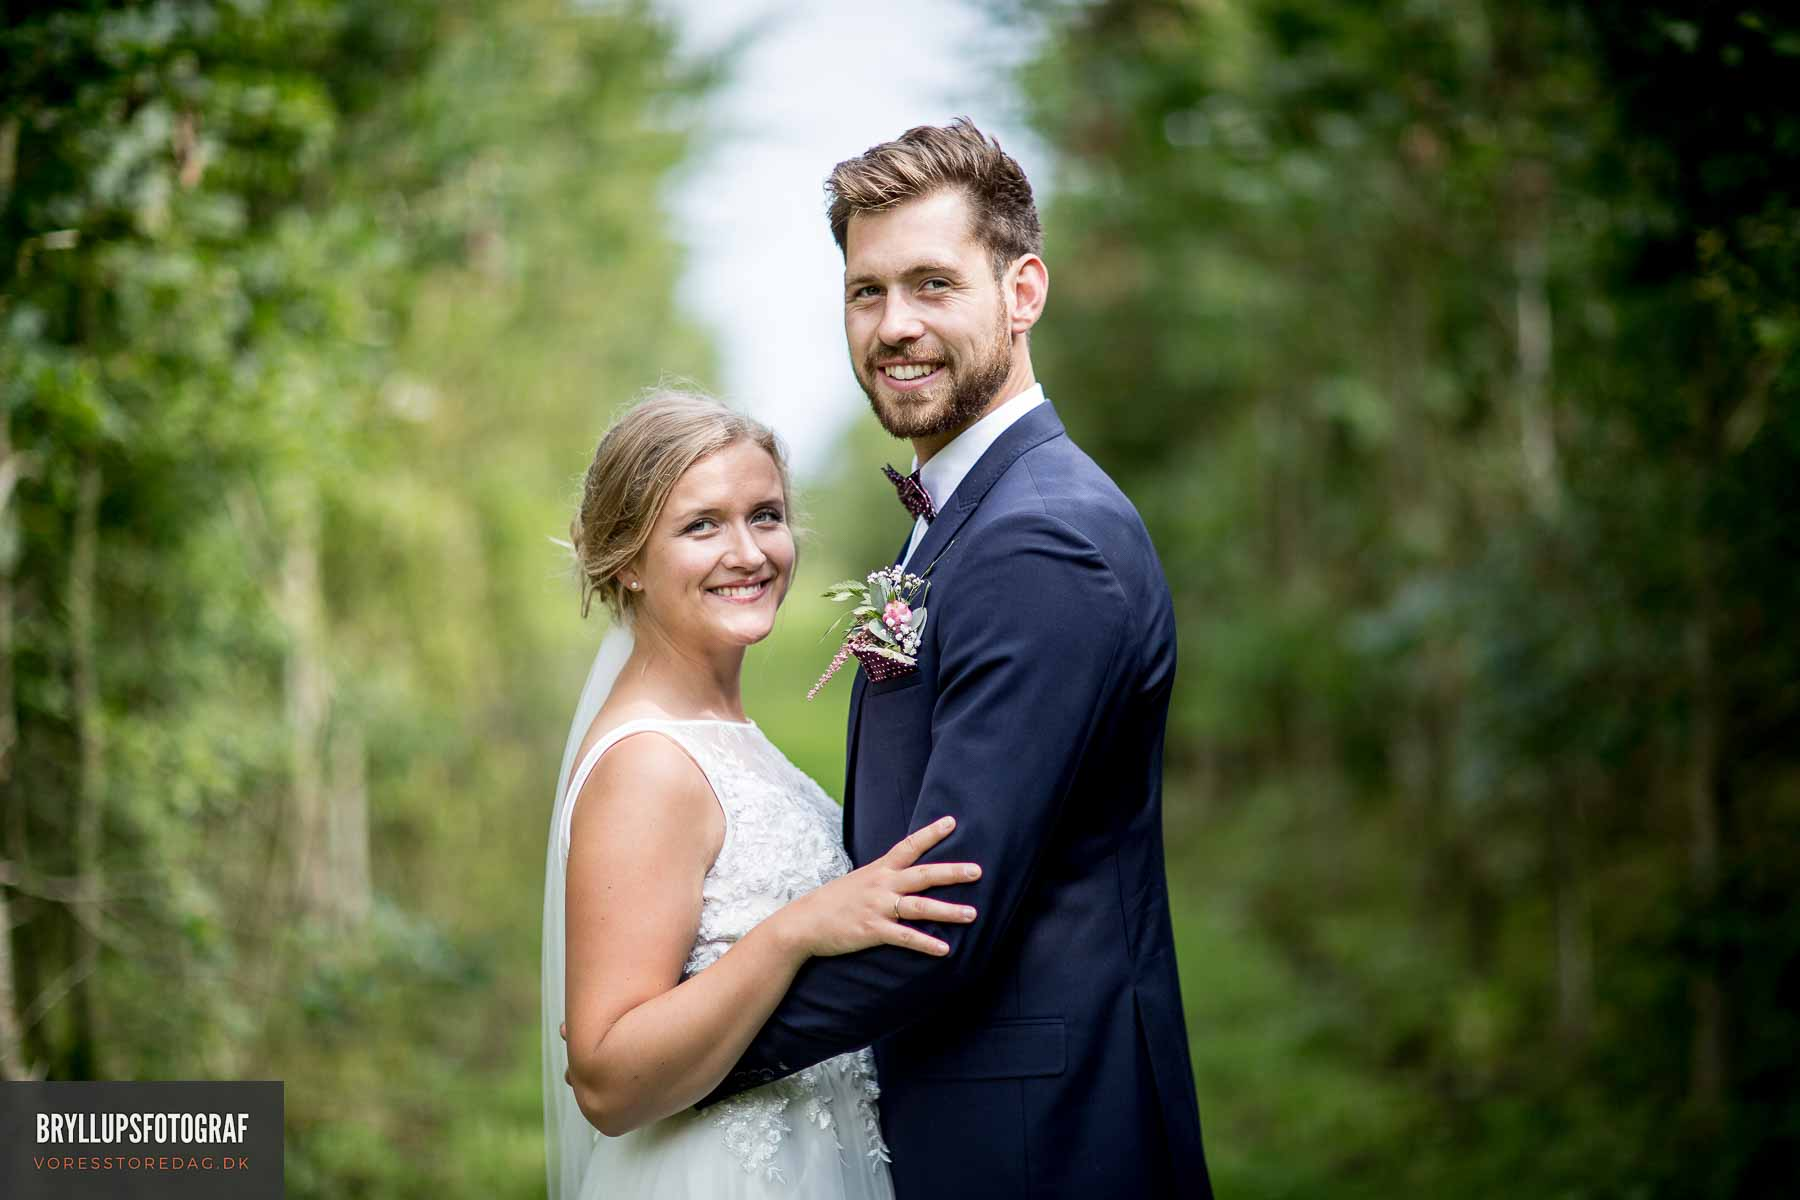 Dygtig bryllupsfotograf i København, jeg er med fra kirken/rådhus til brudevals og bryllupsfesten.